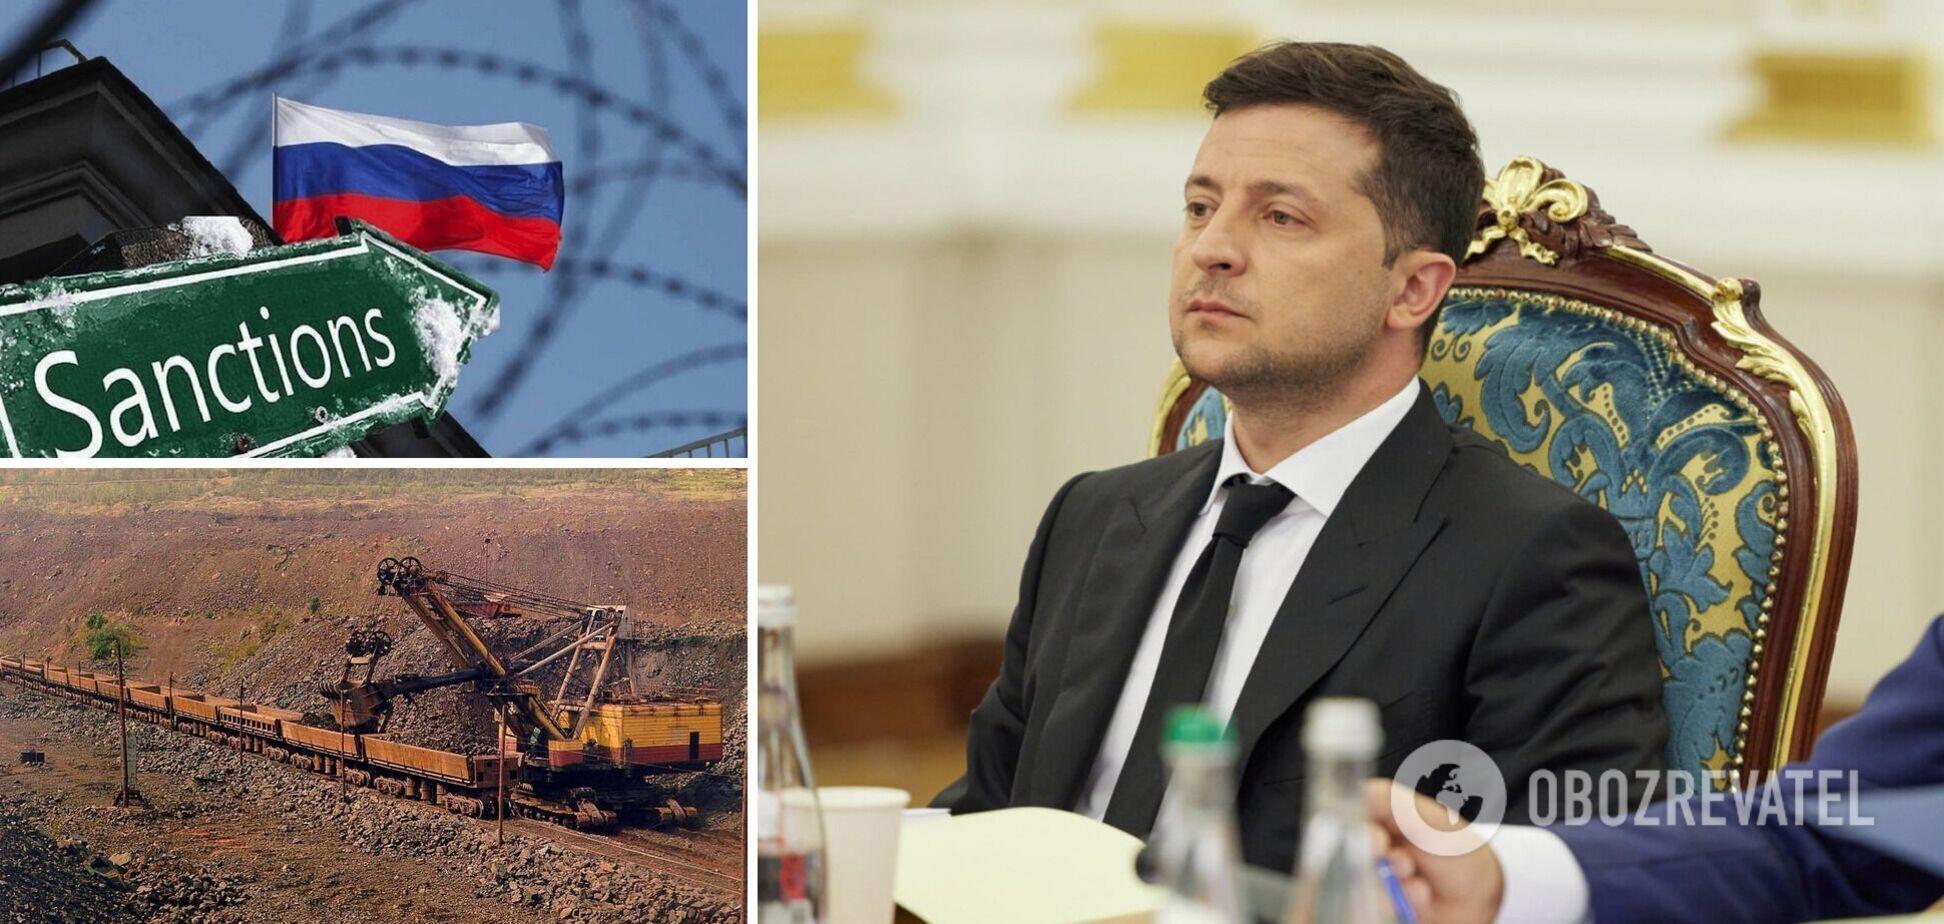 Санкції, копалини і подвійне громадянство: Зеленський ввів у дію відразу кілька рішень РНБО. Всі подробиці